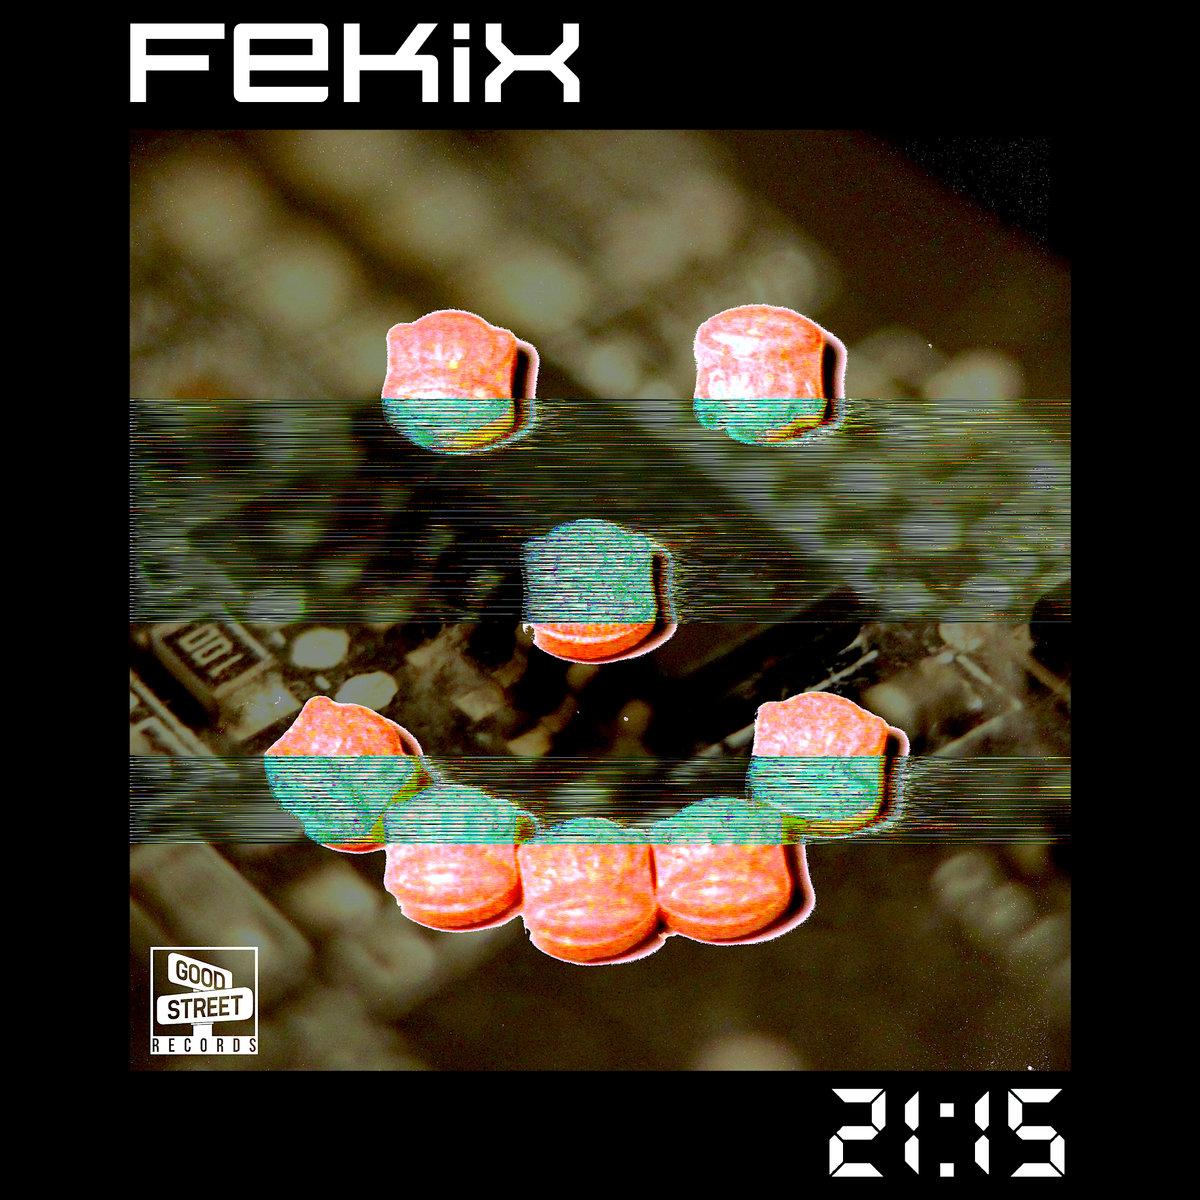 Fekix